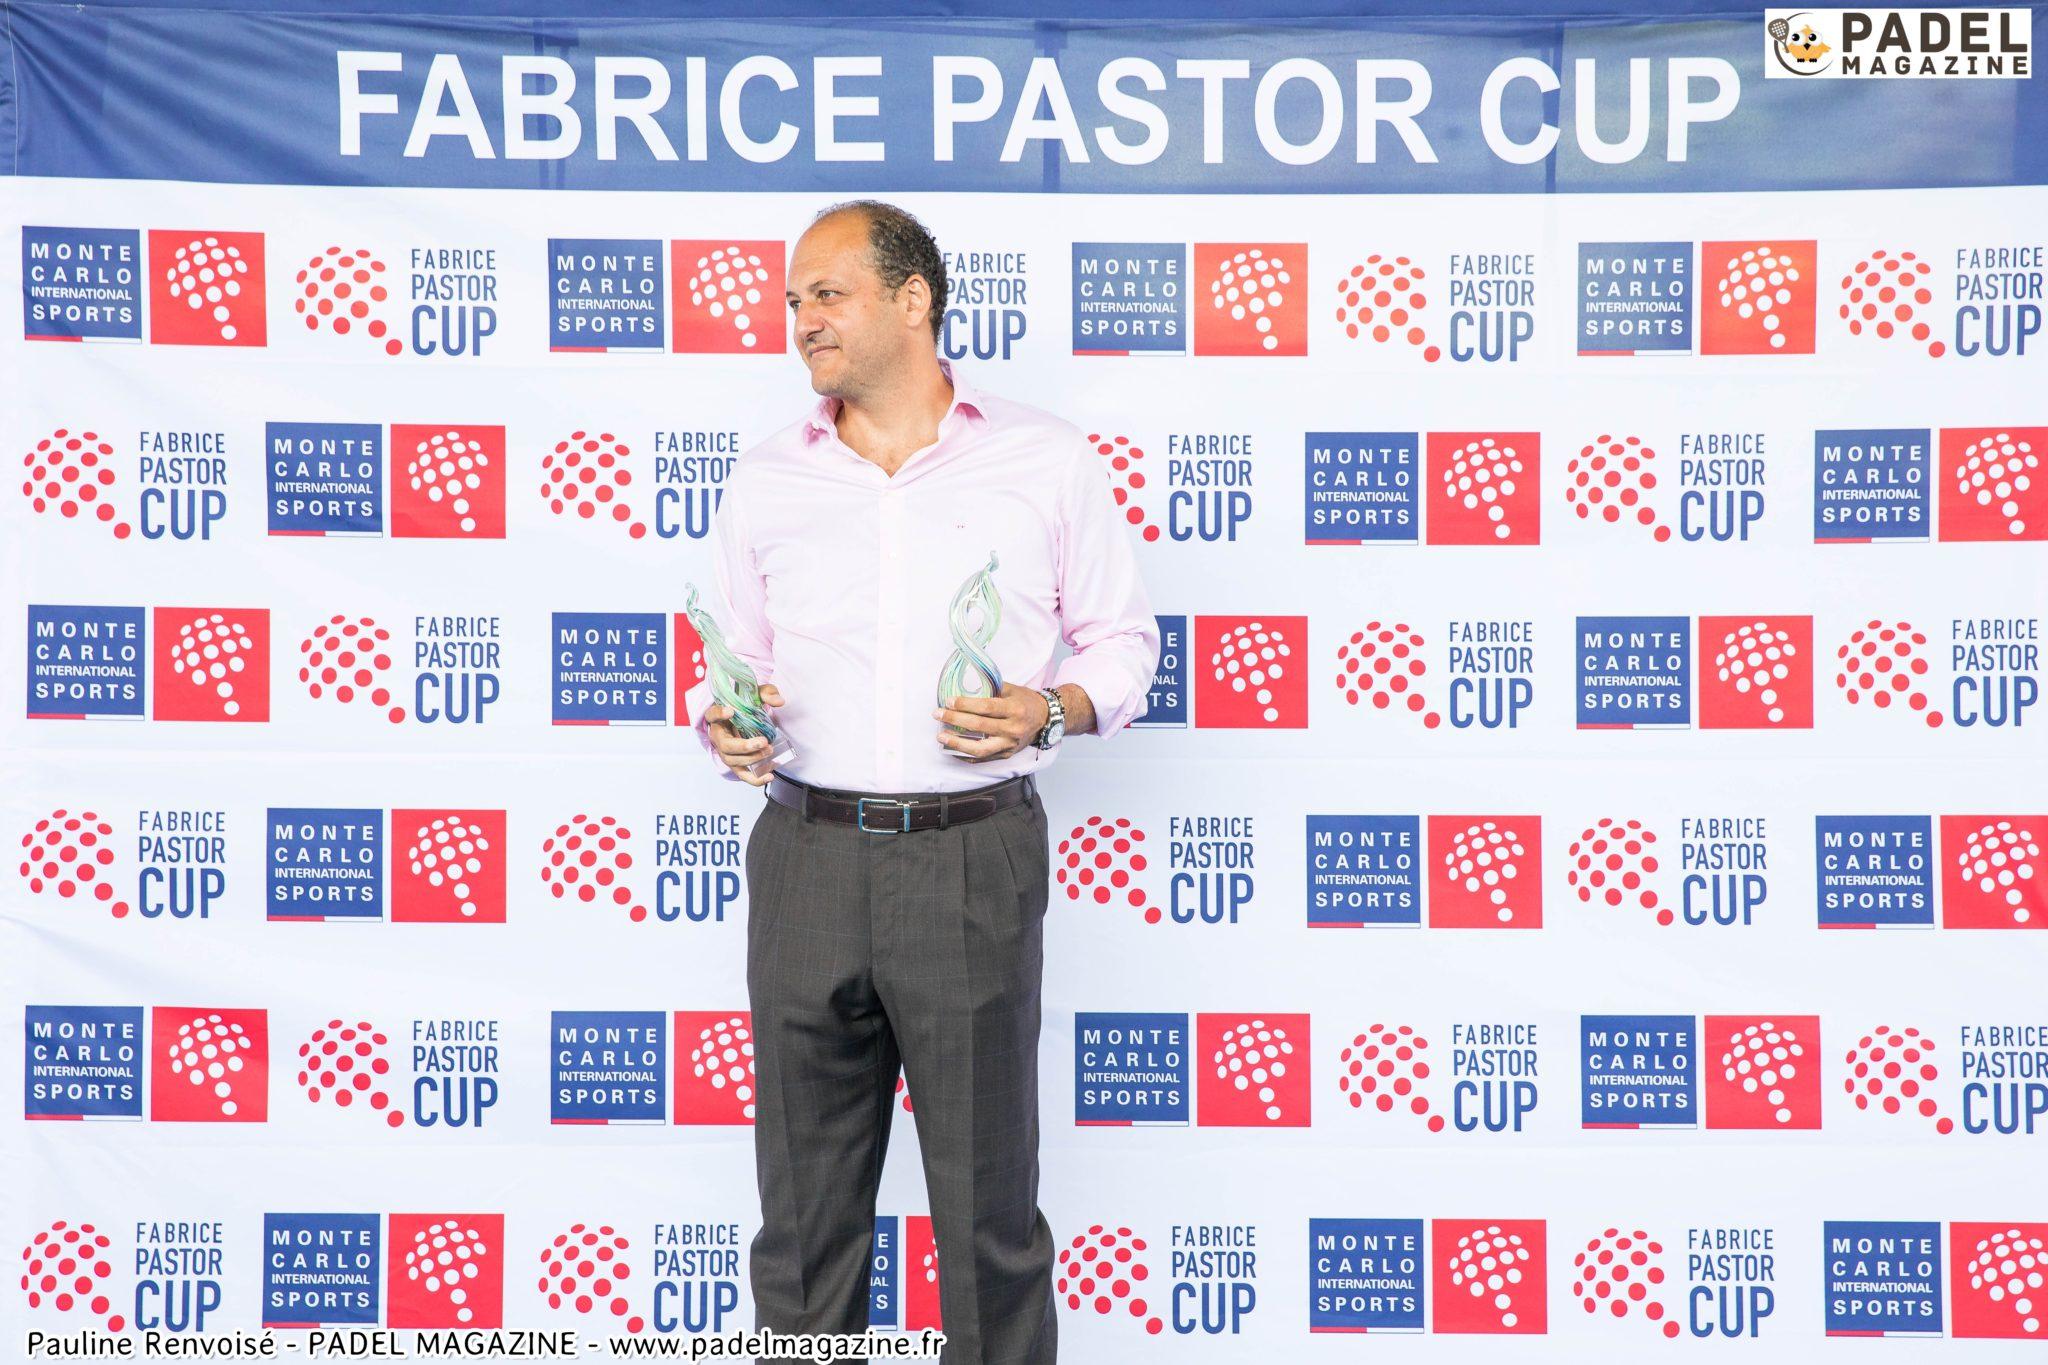 """Fabrice Pastor: """"hyldest til en sport, der har givet mig så meget"""""""